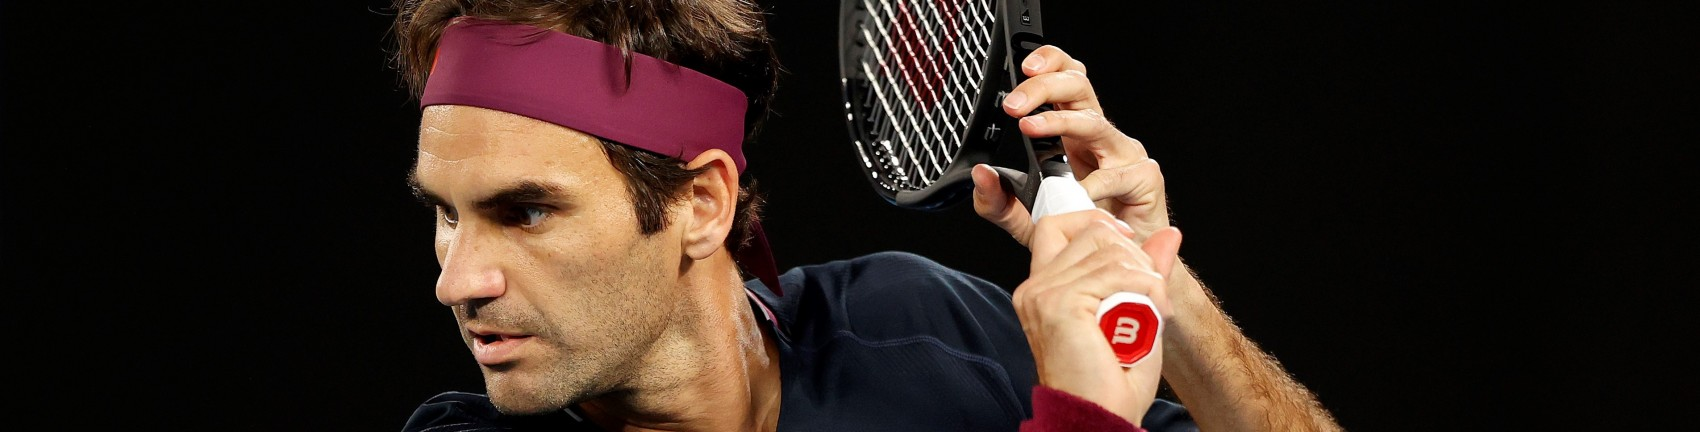 Tenniscaps/Stirnband